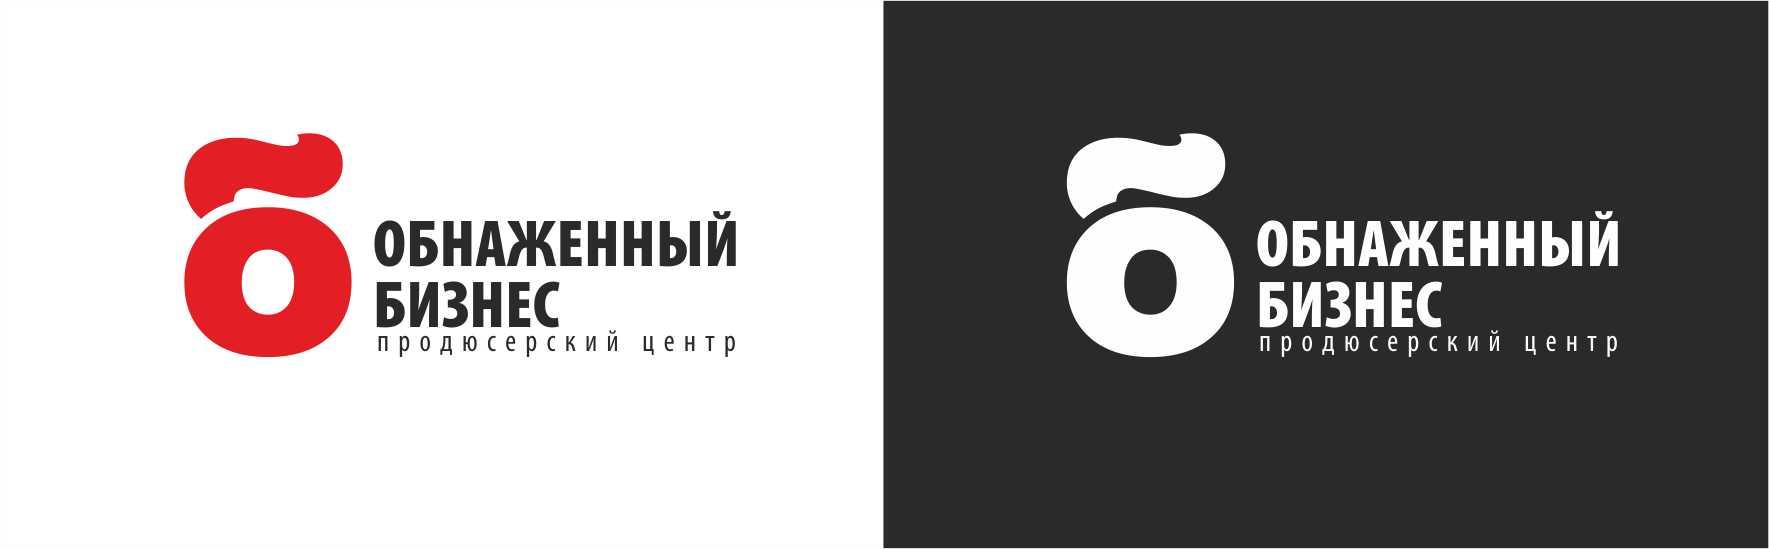 """Логотип для продюсерского центра """"Обнажённый бизнес"""" фото f_2515b9ccfa2c0b37.jpg"""